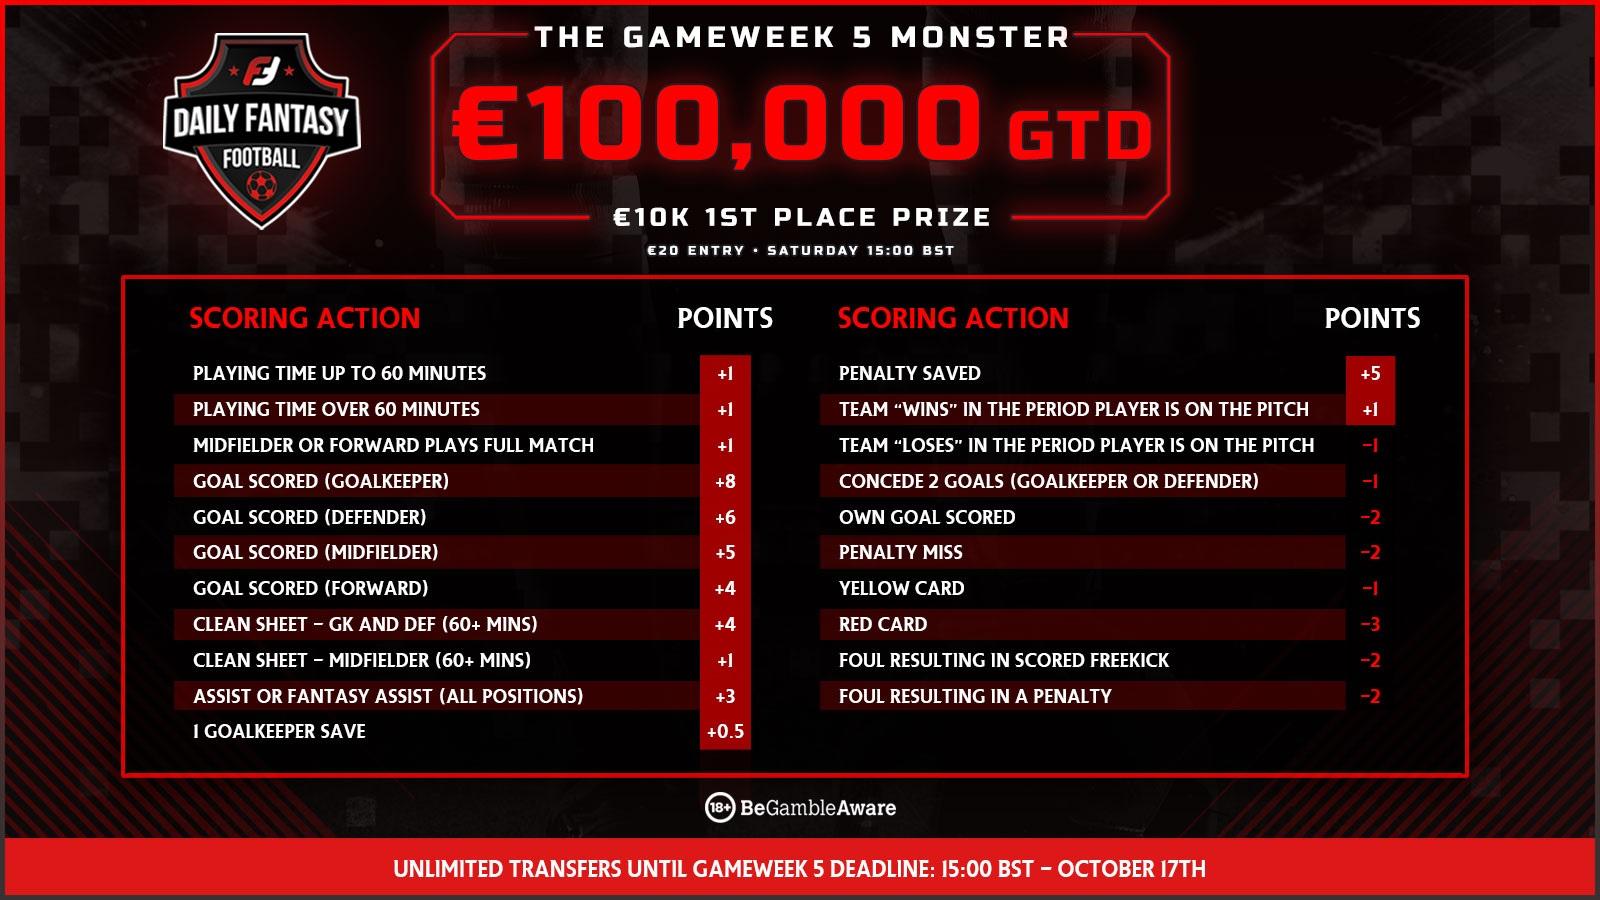 fanteam weekly monster - gameweek 5